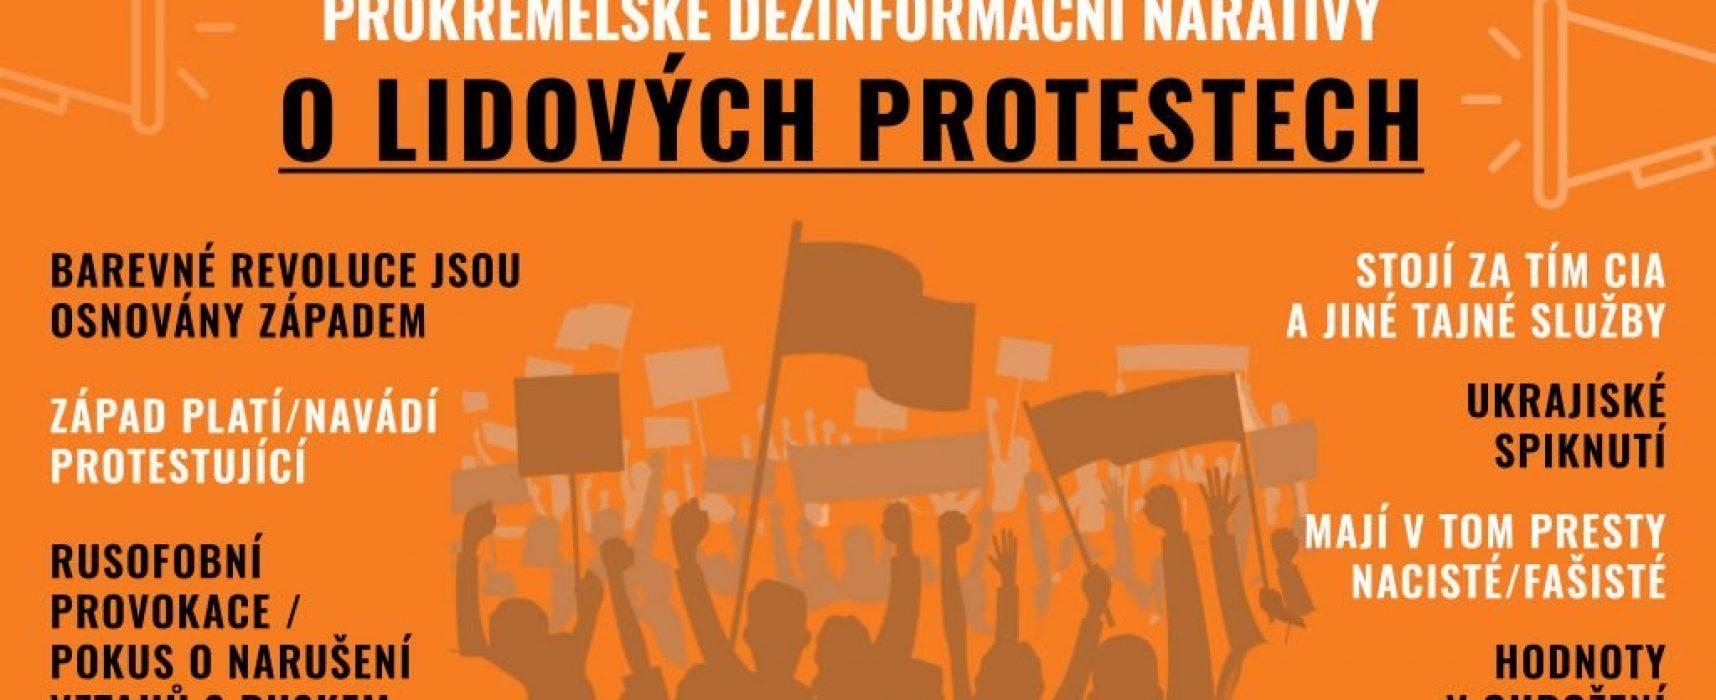 Barevné revoluce kam se podíváš – prokremelská média informují o protestech